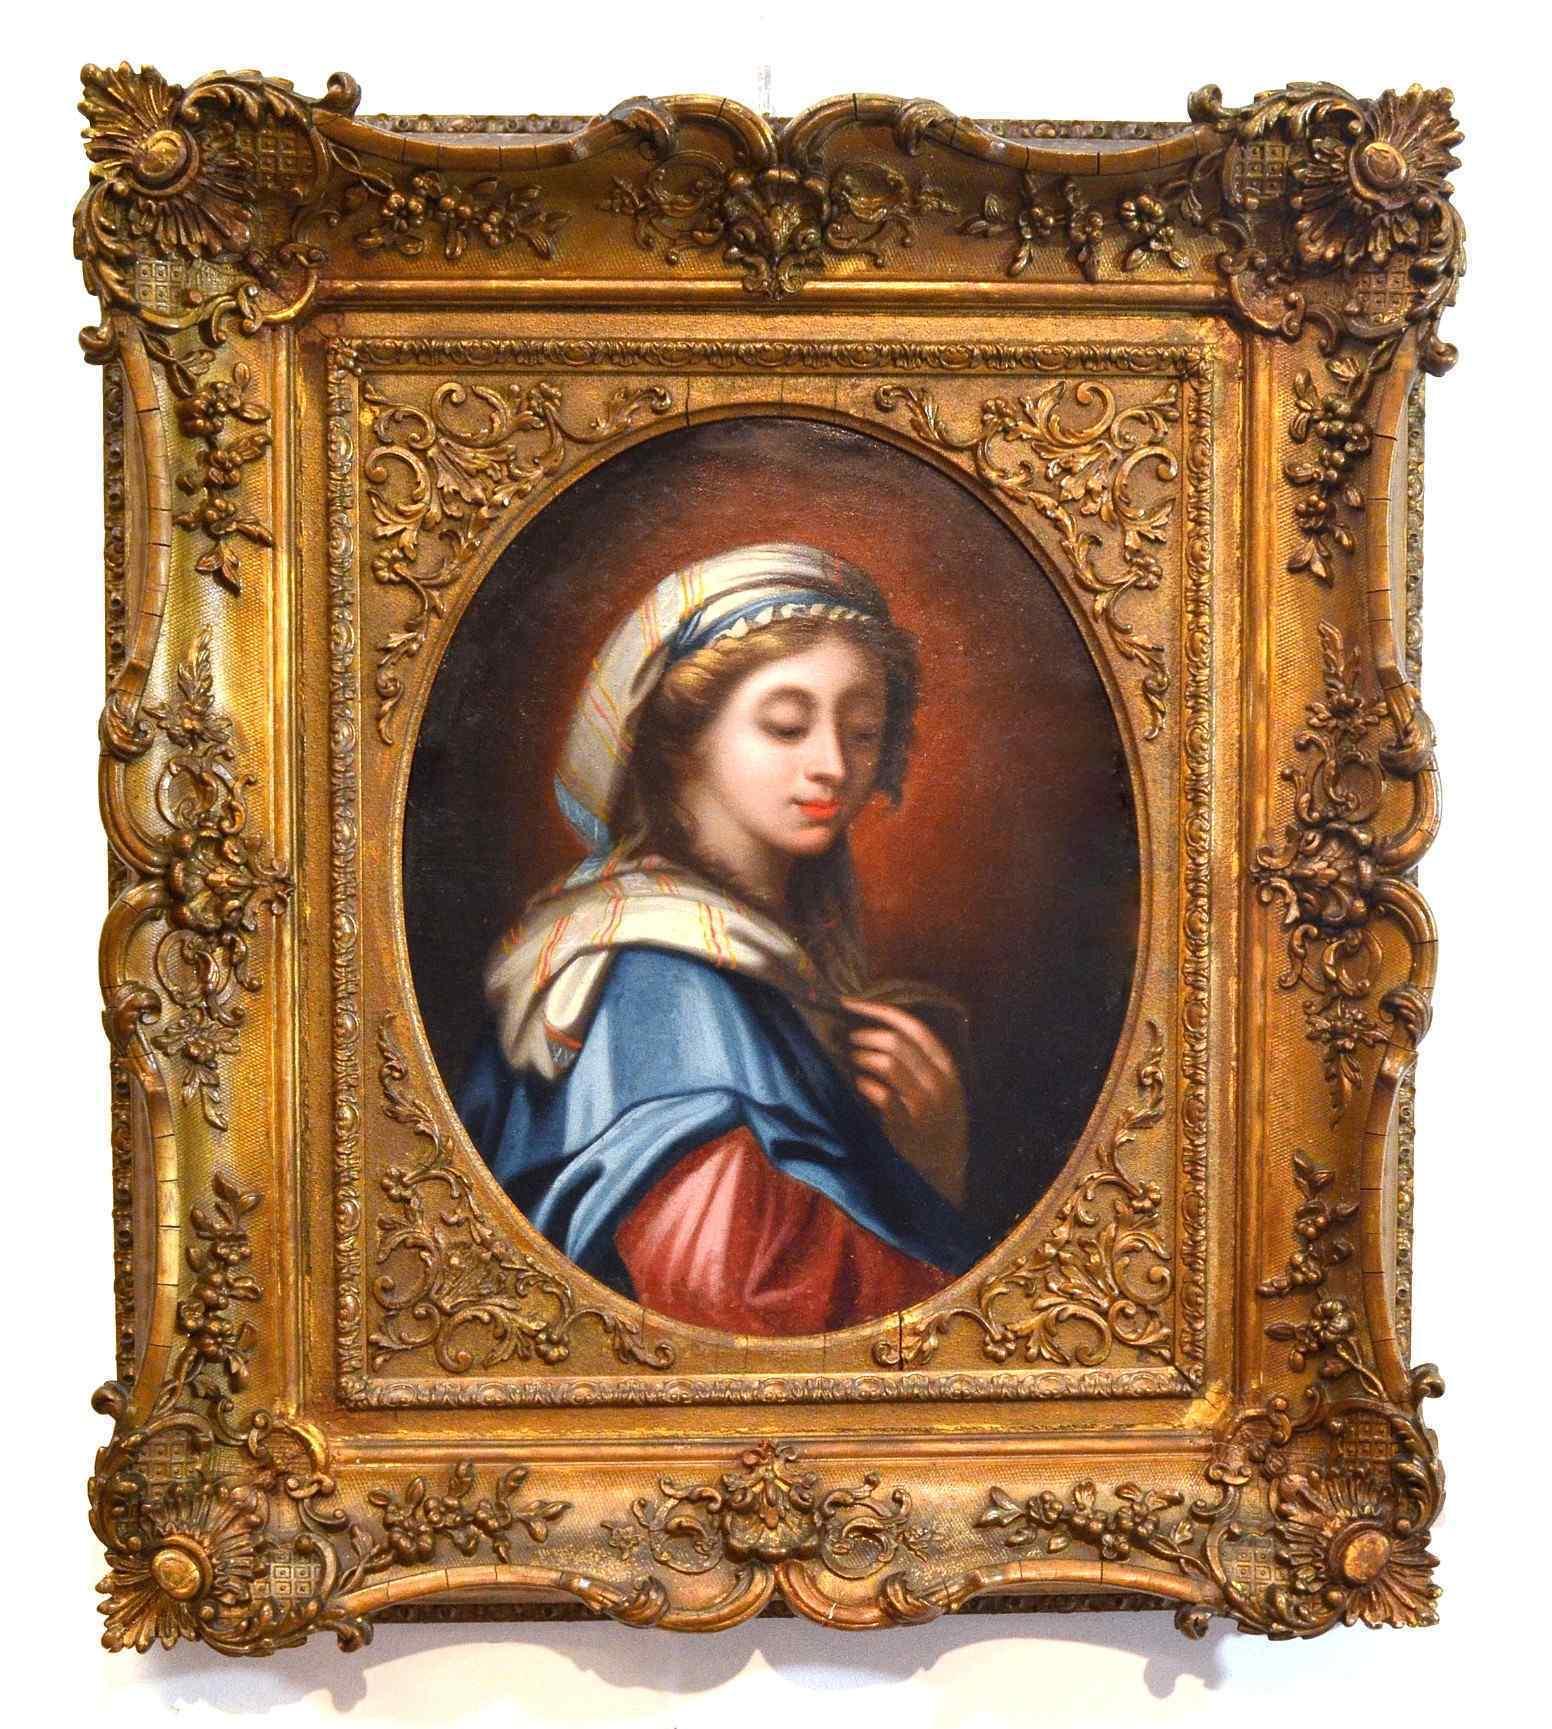 Ritratto di Madonna, attr. a Onorio Marinari, XVIII secolo